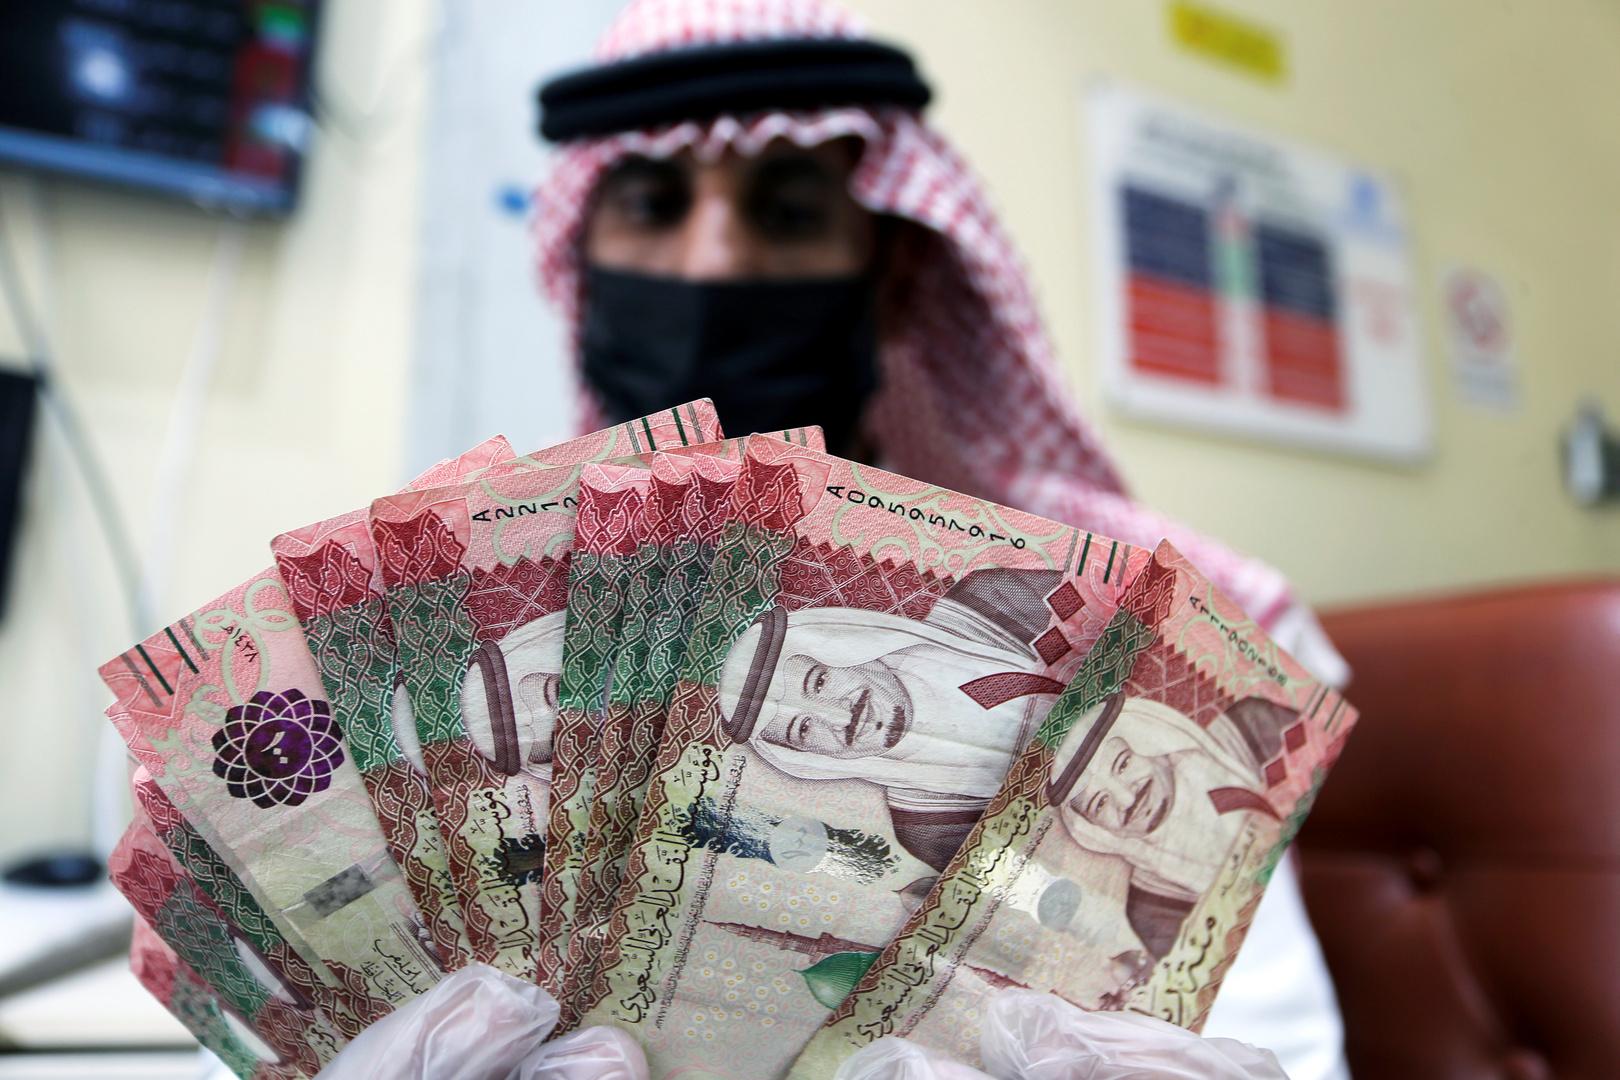 السعودية تطرح عملة من فئة 5 ريالات مصنوعة من البوليمر (صورة)